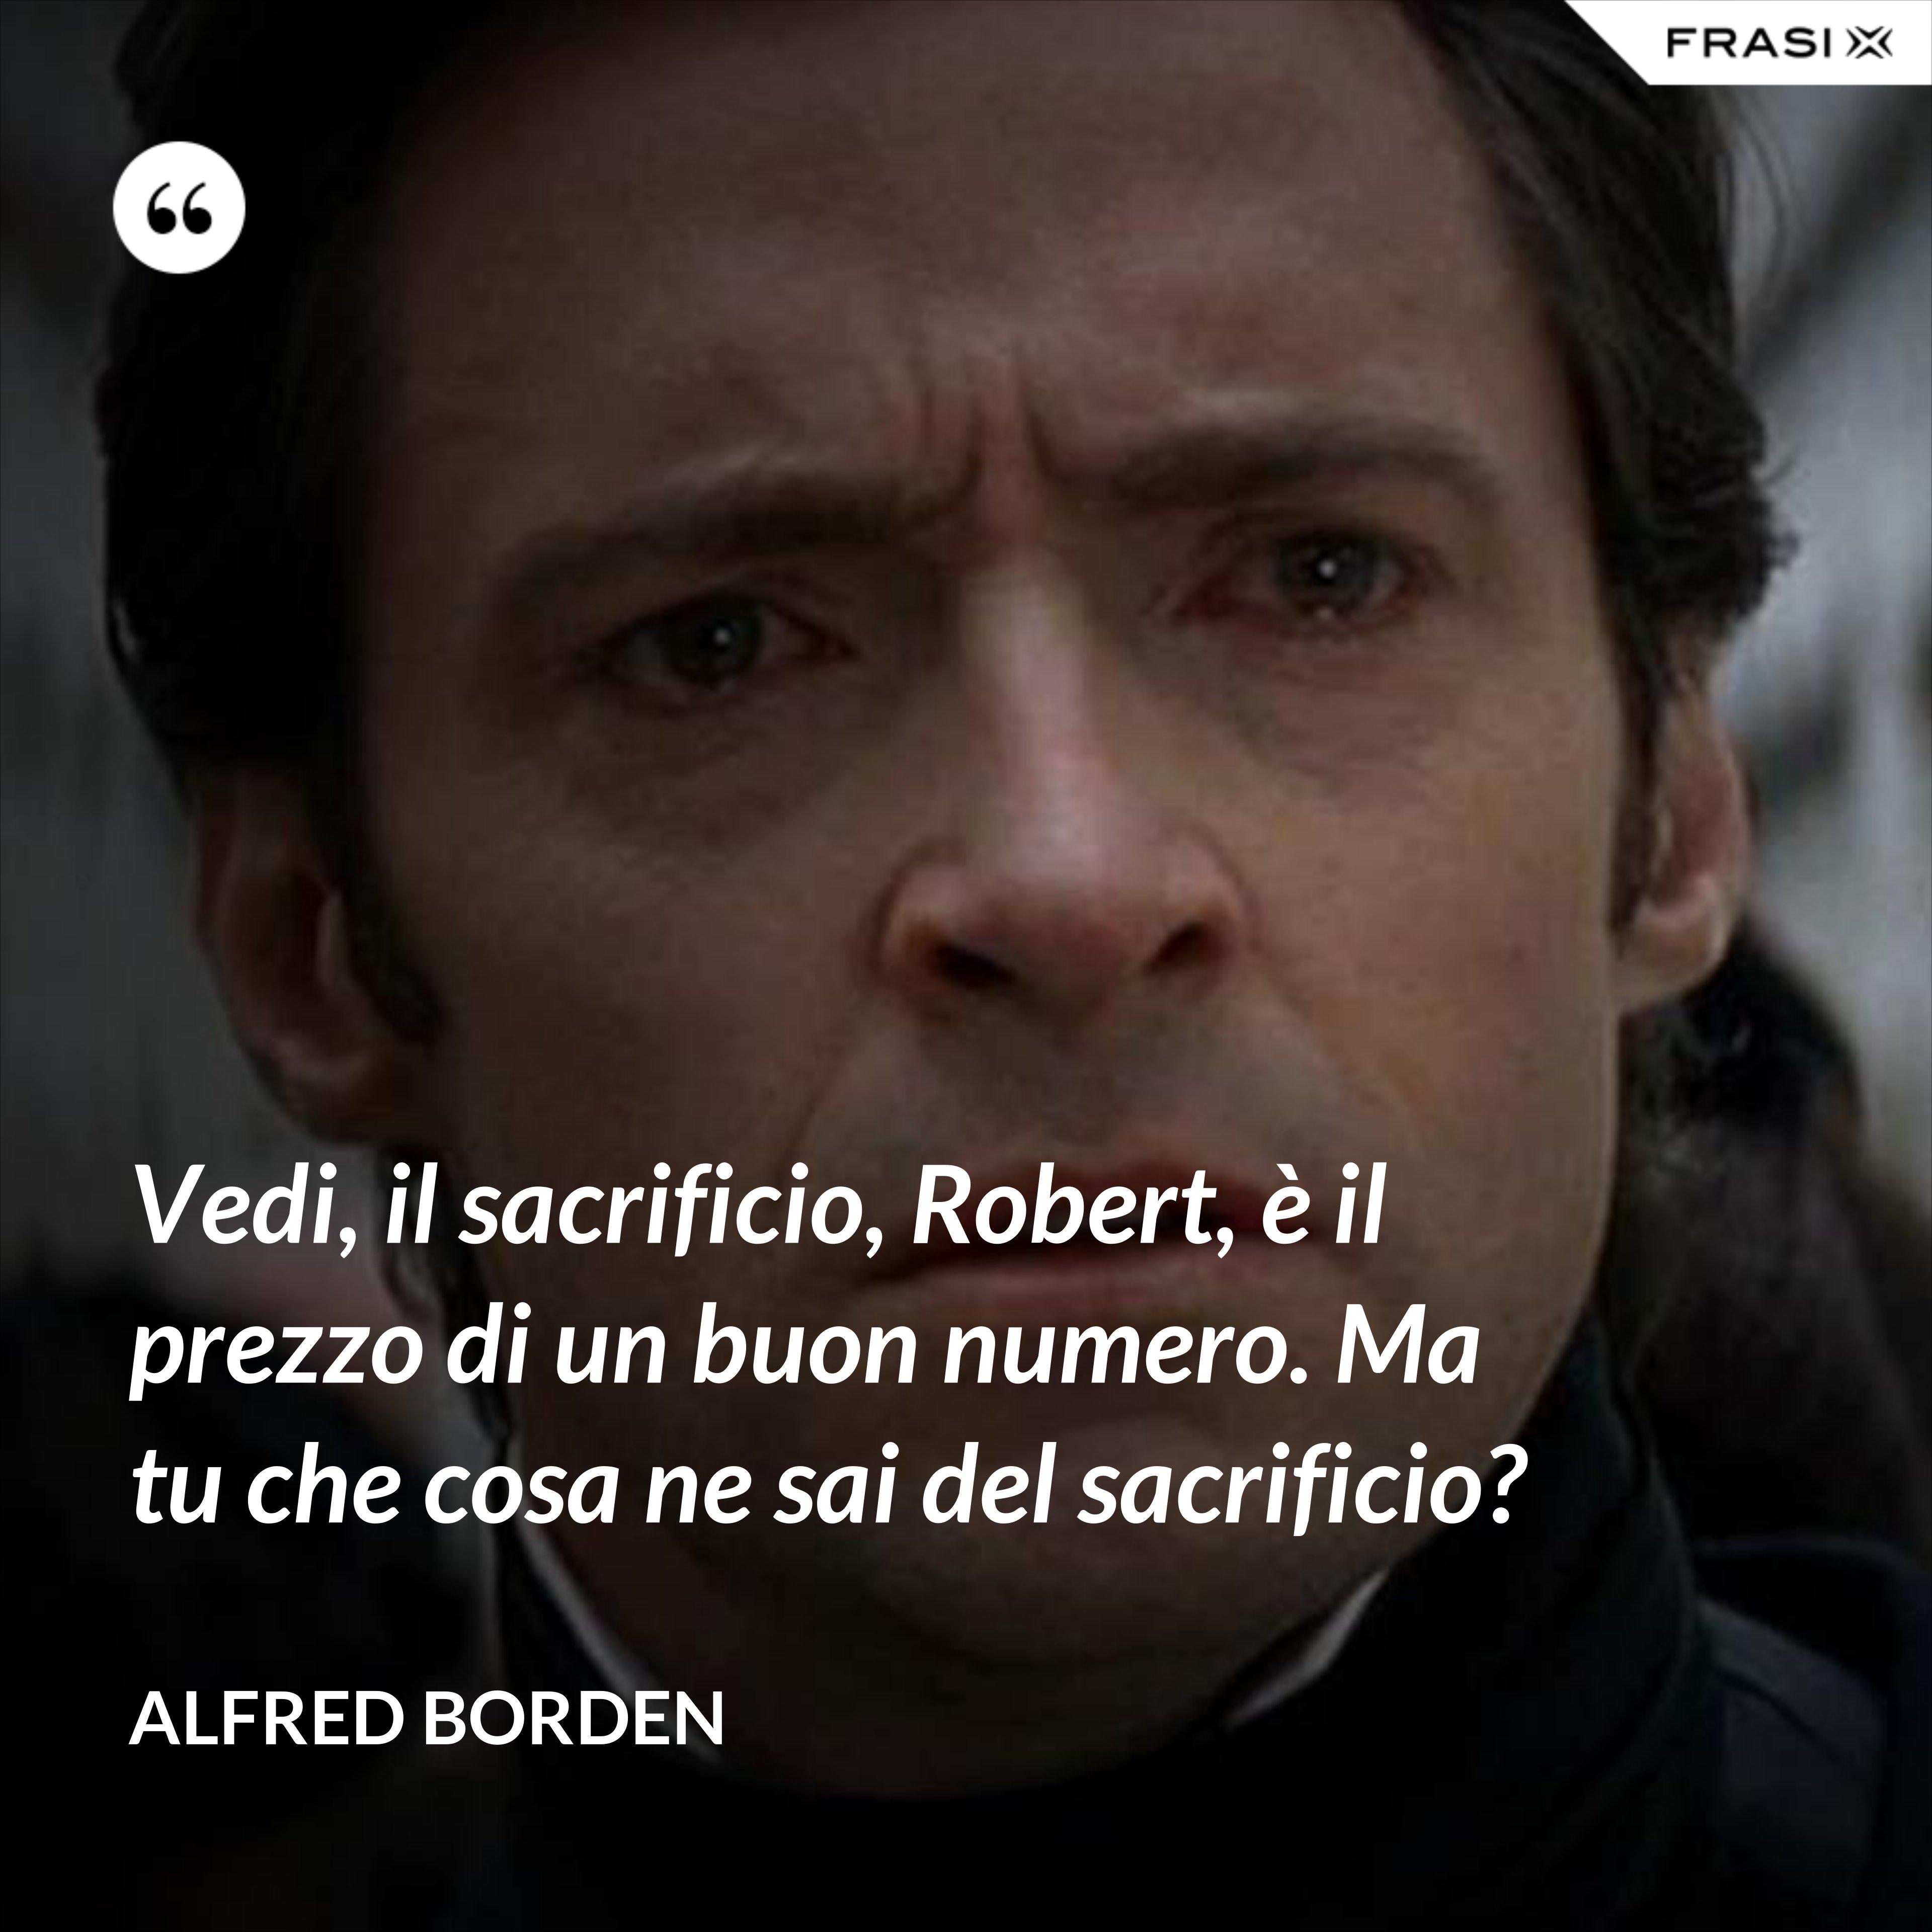 Vedi, il sacrificio, Robert, è il prezzo di un buon numero. Ma tu che cosa ne sai del sacrificio? - Alfred Borden